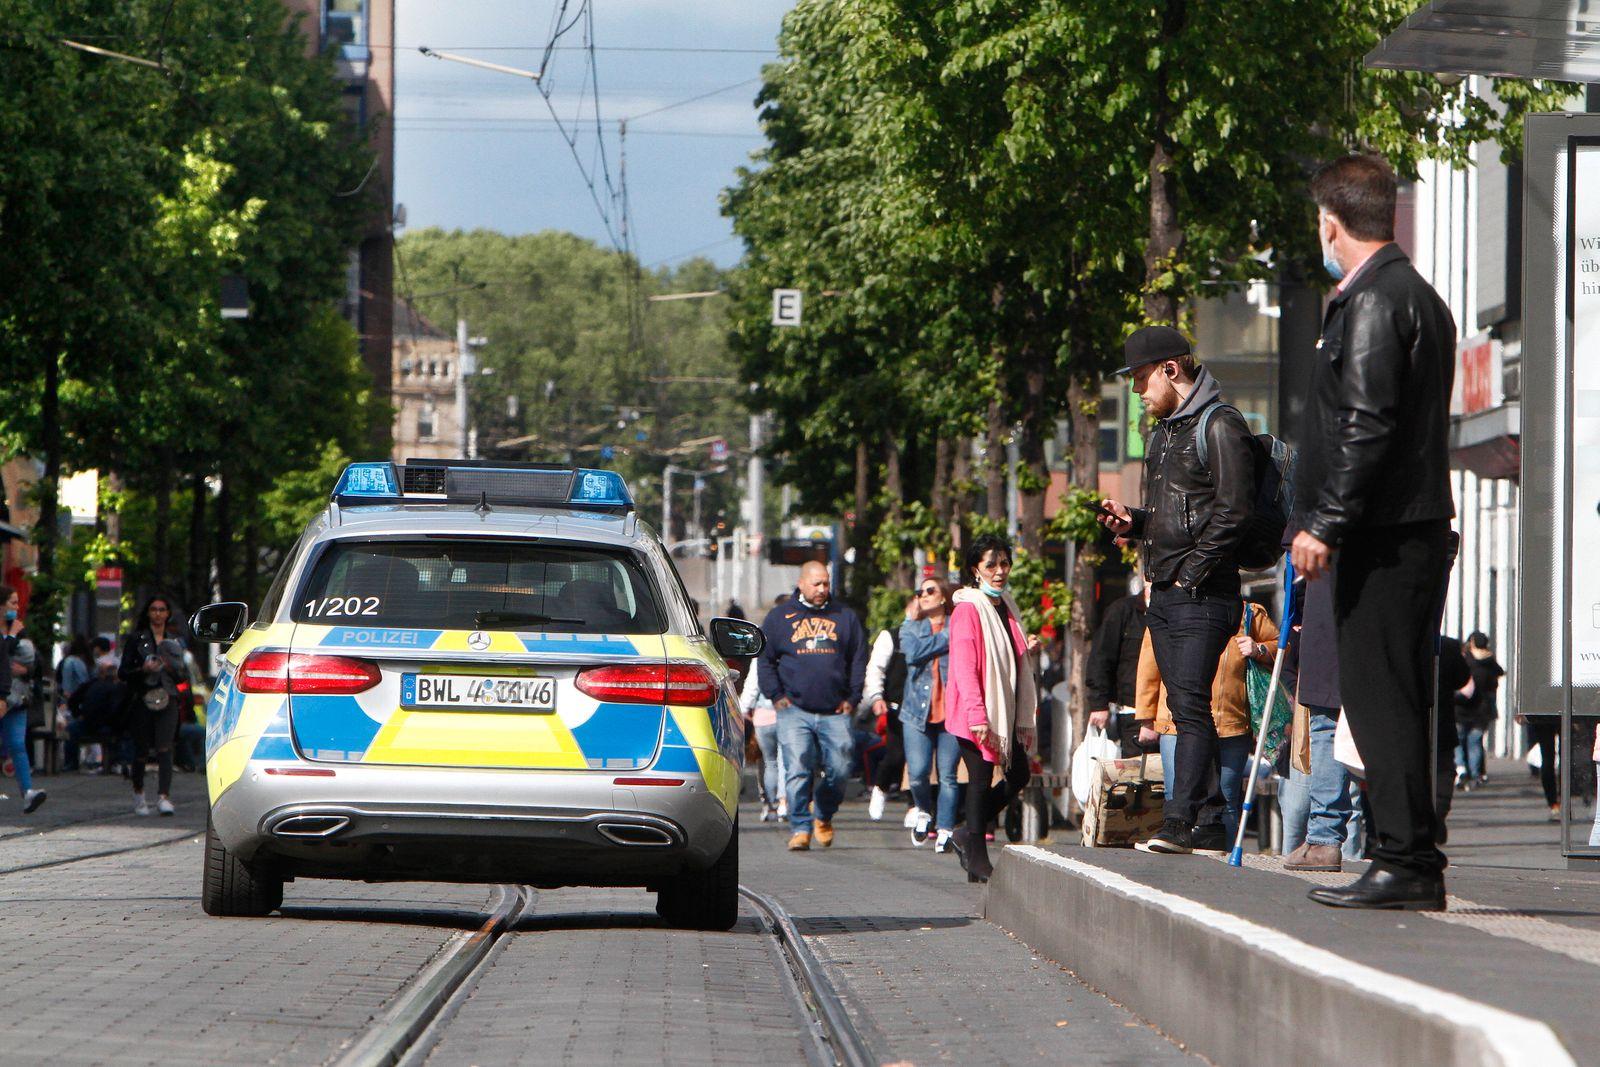 Eine Polizeistreife der Landespolizei Baden Württemberg kontrolliert anlässlich der Coronakrise die Einhaltung der Kont